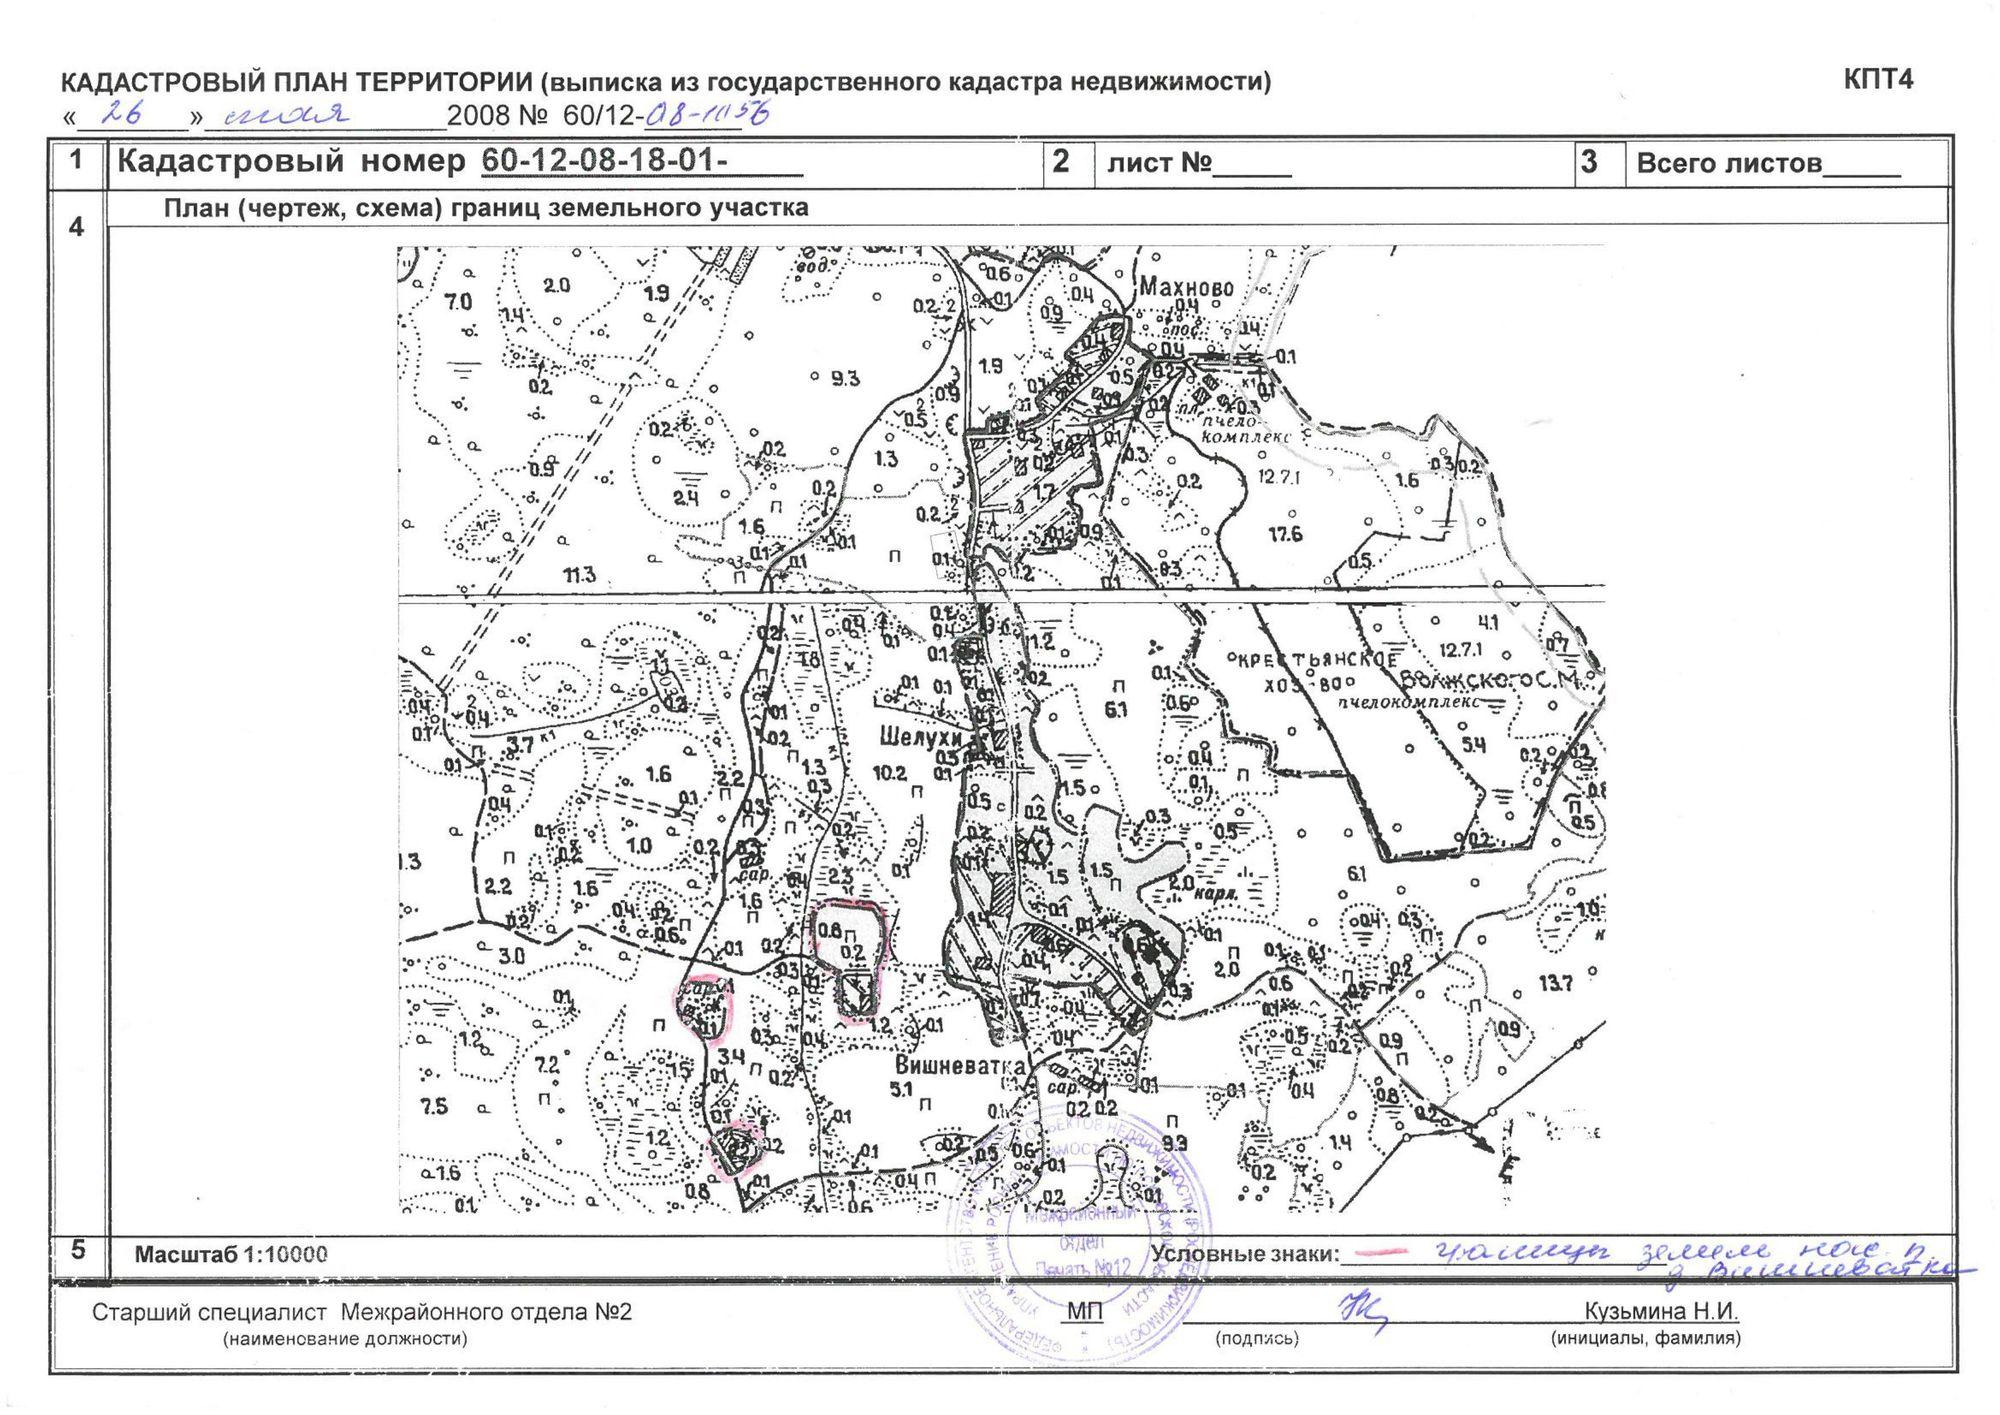 Кадастровый план территории в 2020 году